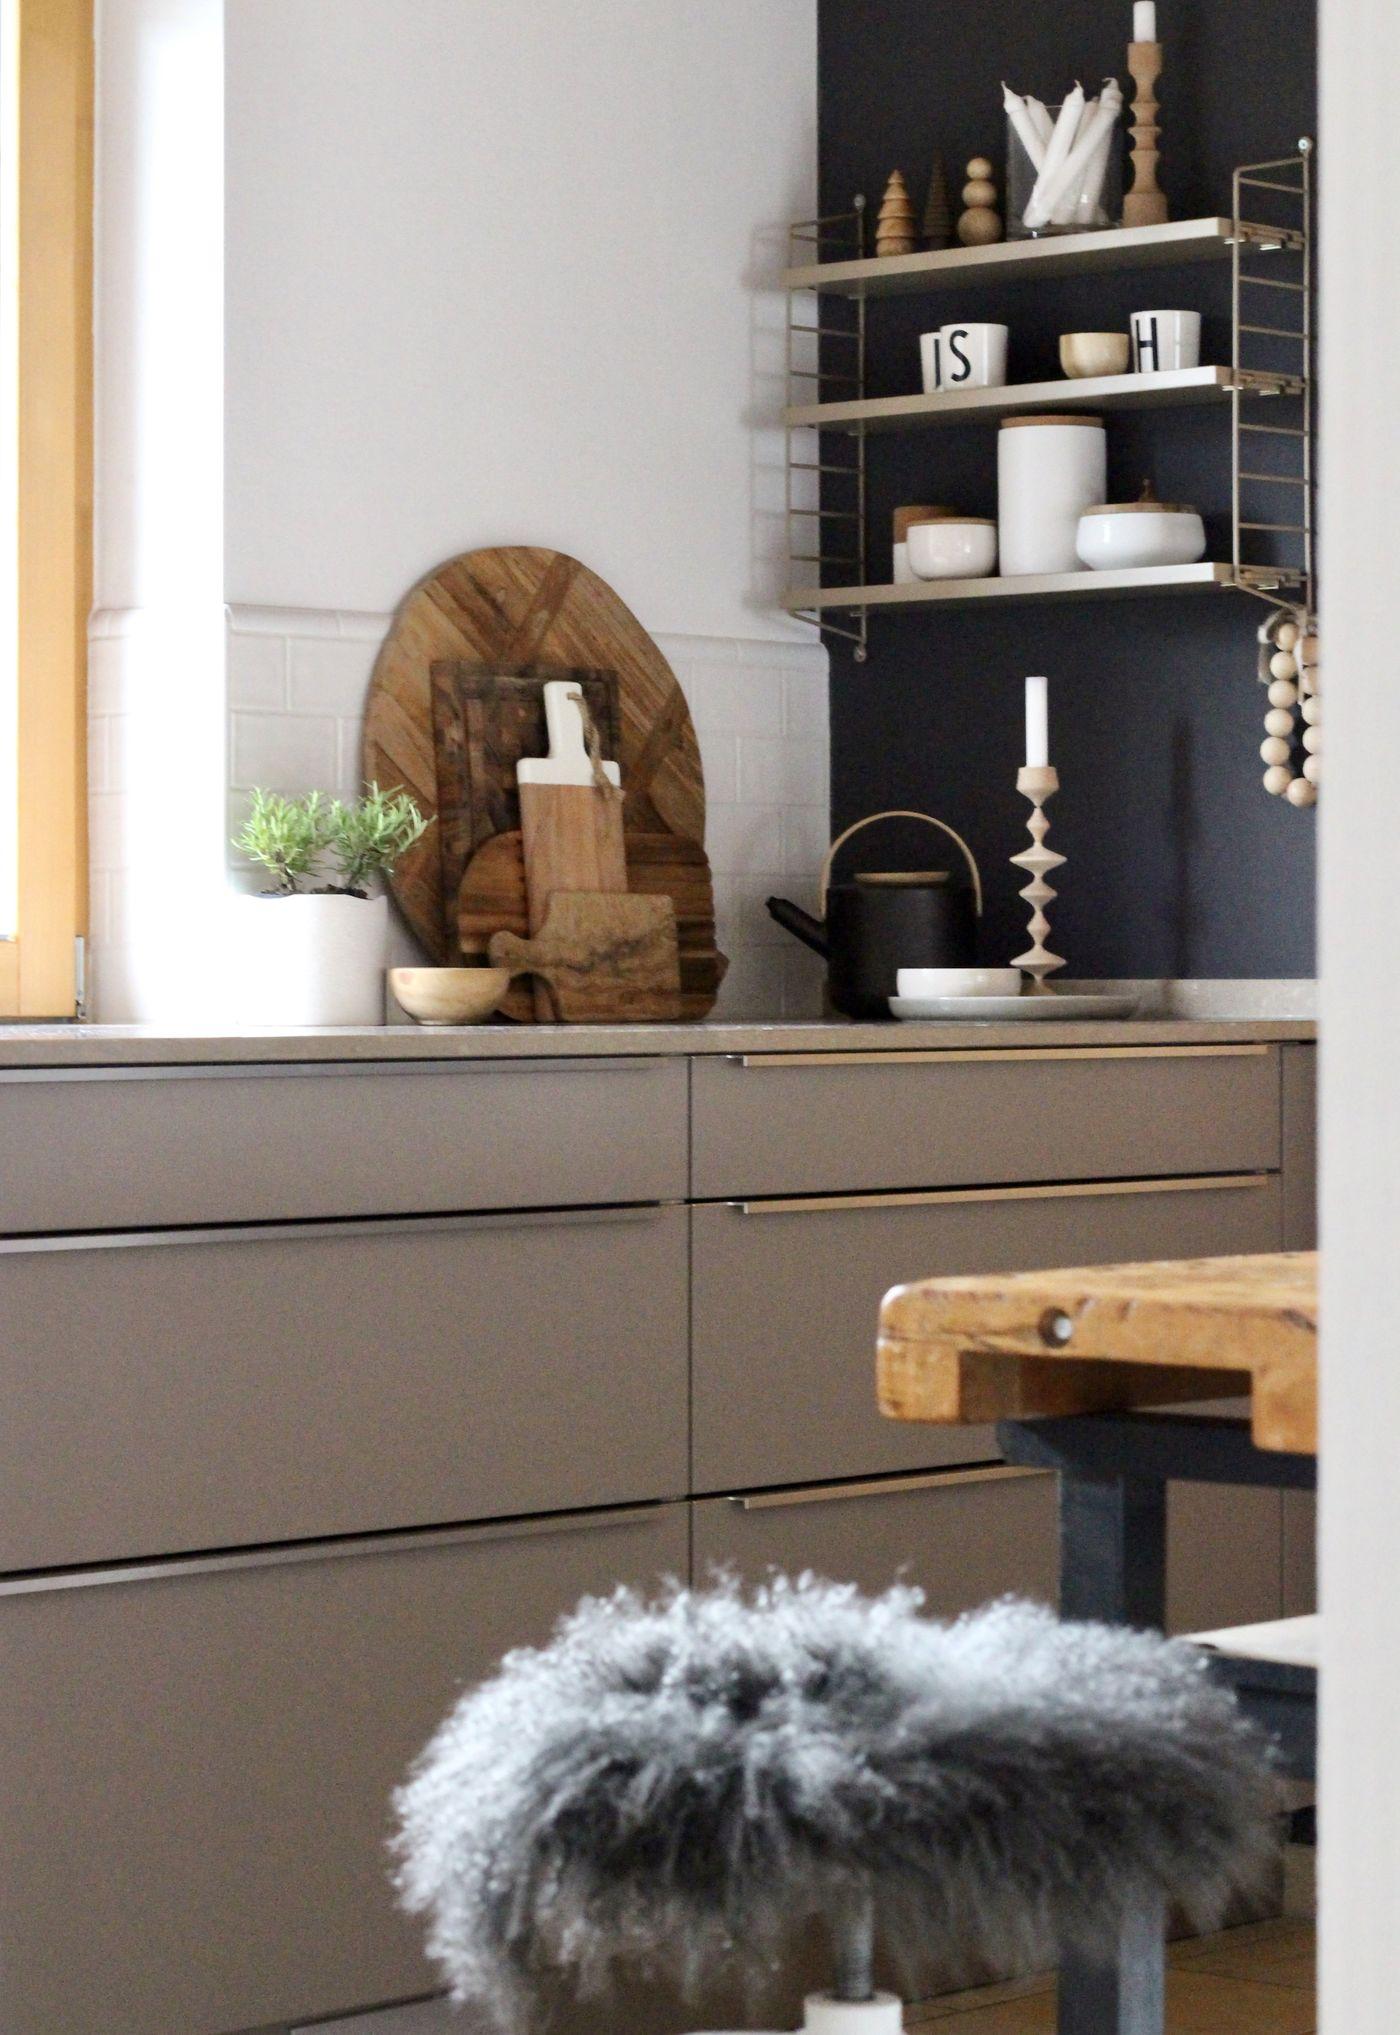 Full Size of Ideen Fr Dein Kchenregal Modulküche Ikea Küche Kaufen Kosten Miniküche Betten 160x200 Bei Sofa Mit Schlaffunktion Wohnzimmer Küchenregal Ikea